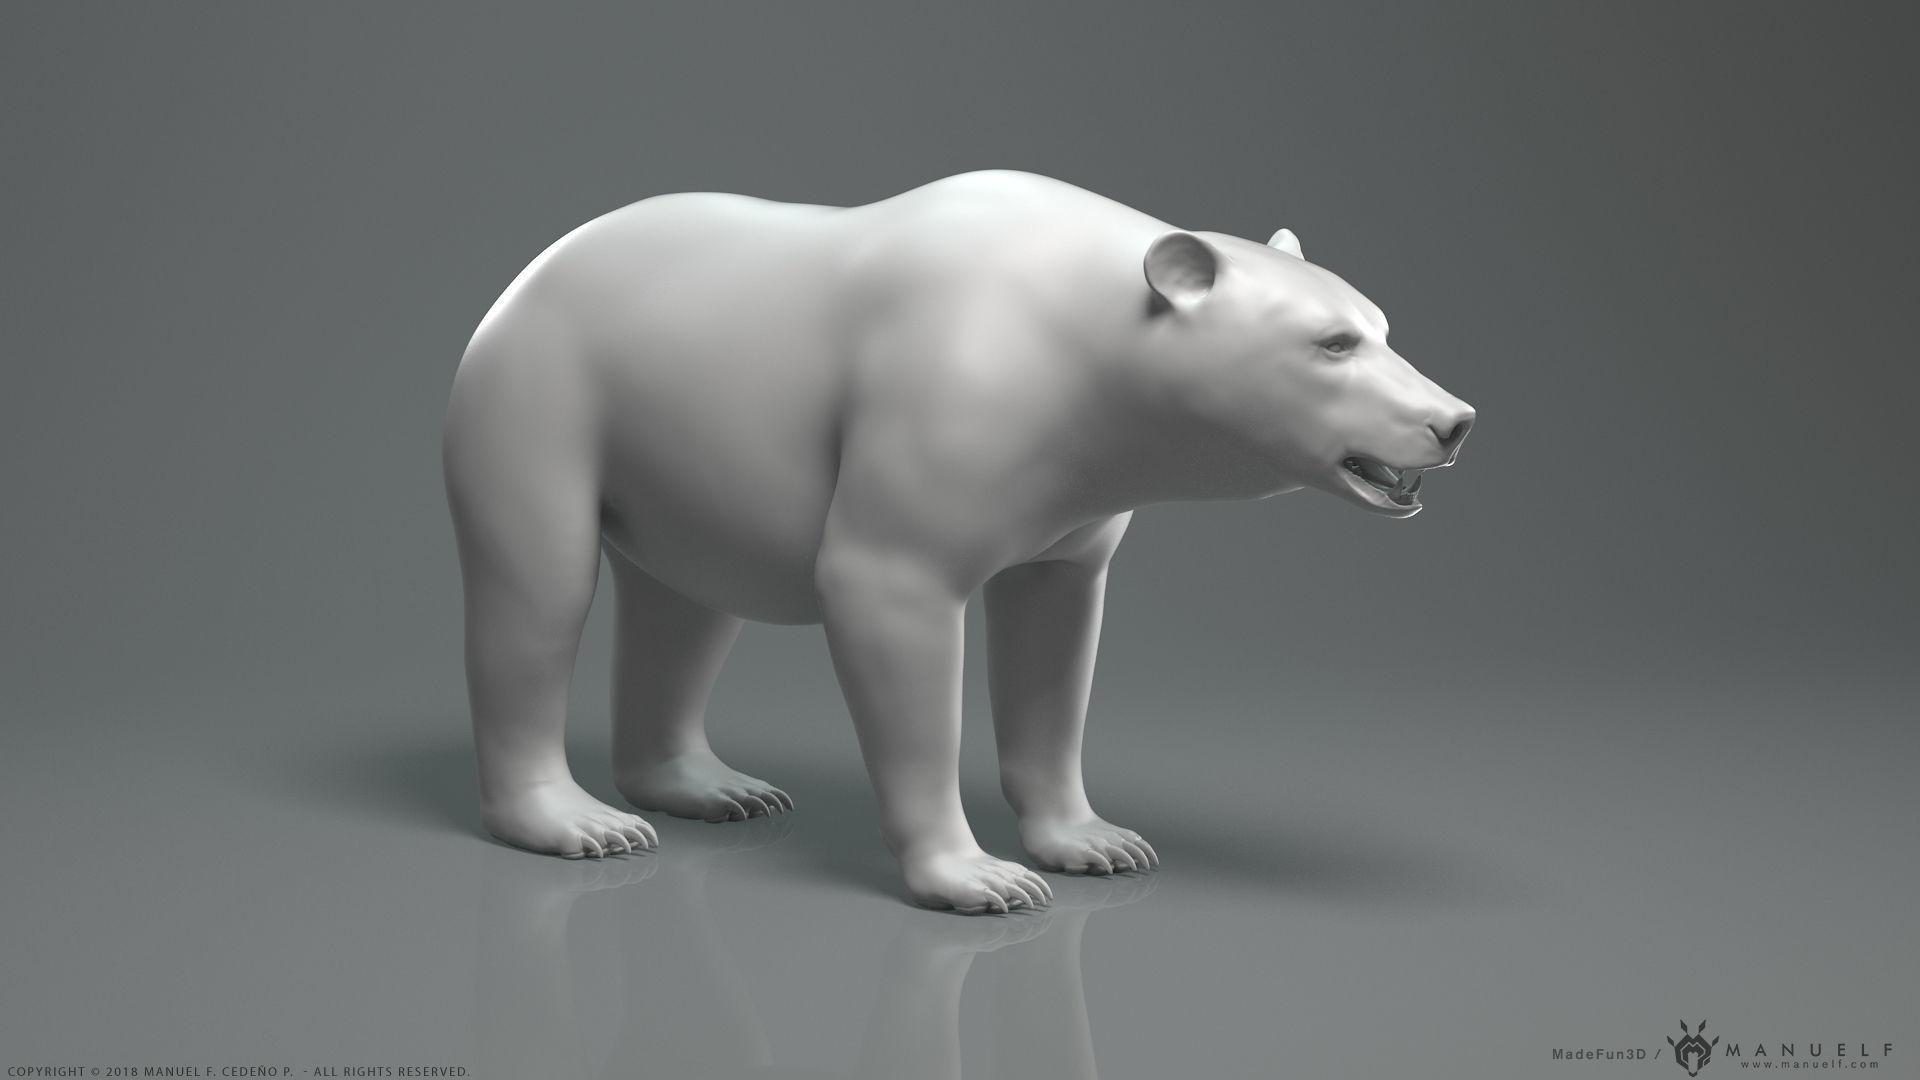 Brown Bear - Highpoly Sculpture